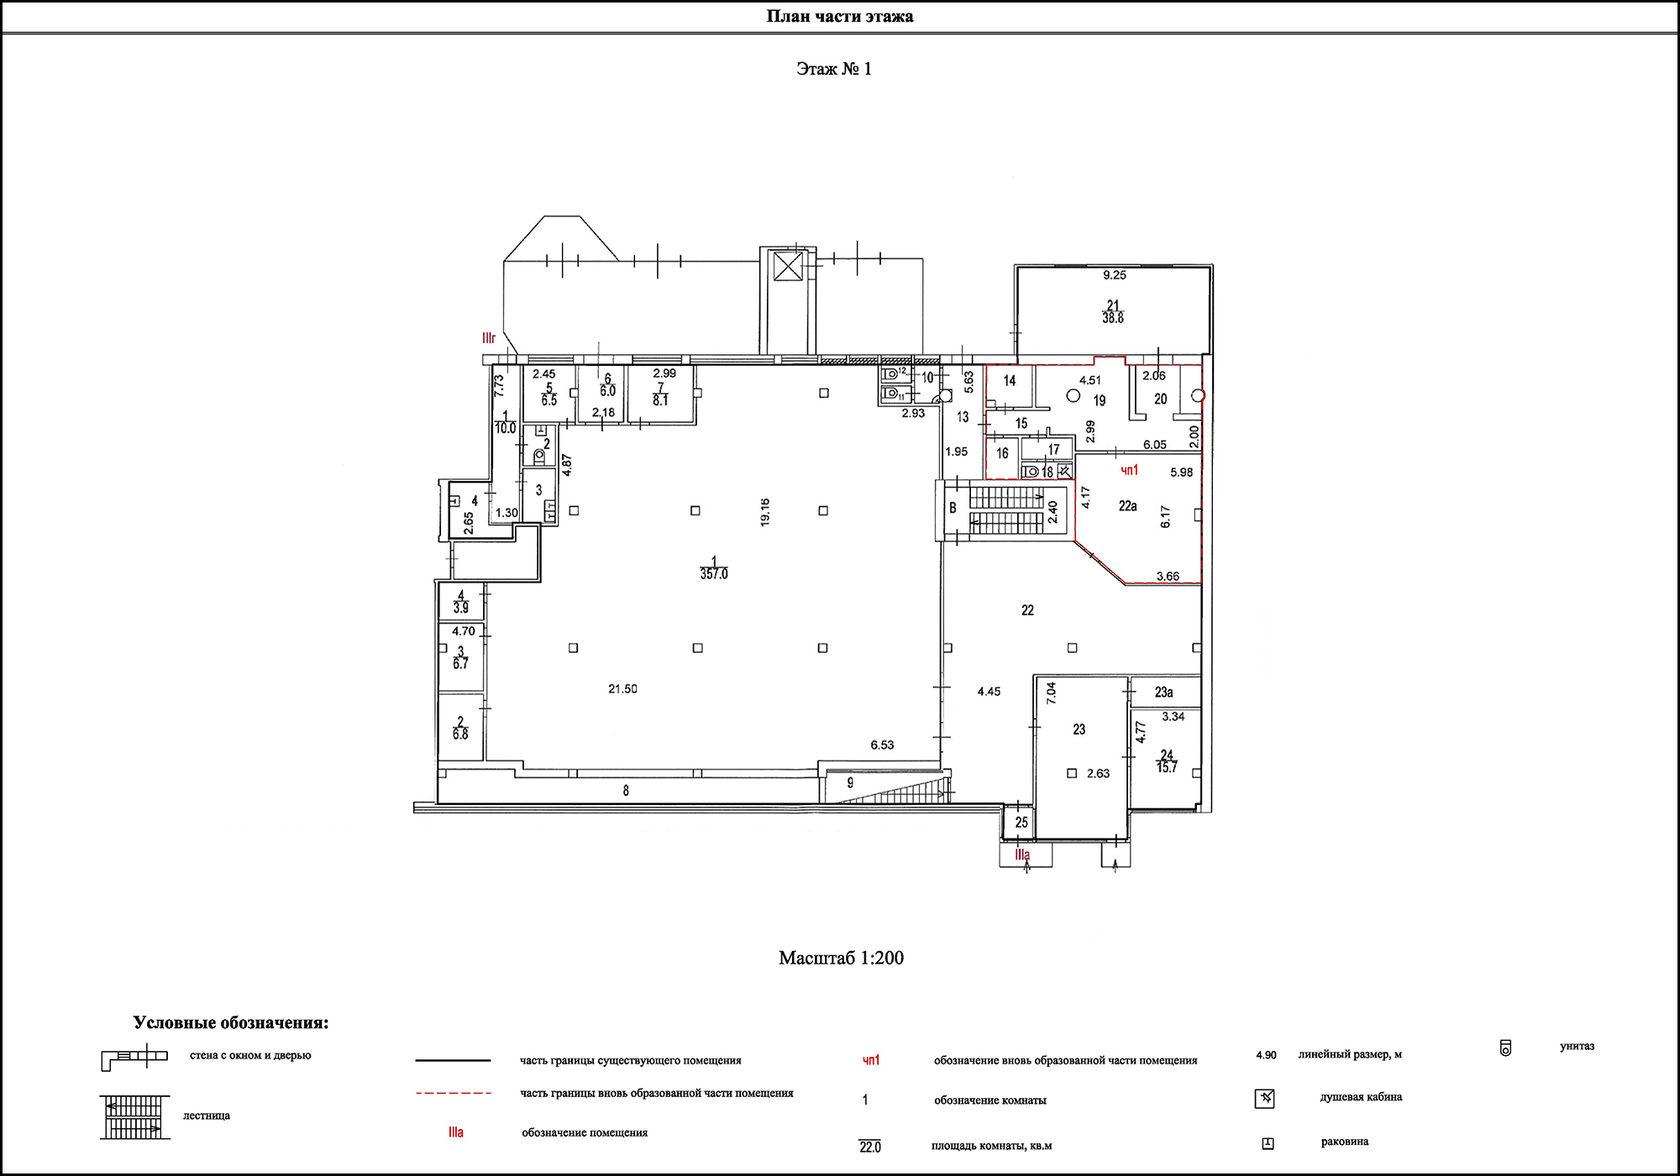 На примере поэтажный план на часть этажа. Его сведения используются для подготовки ведомостей на помещения.